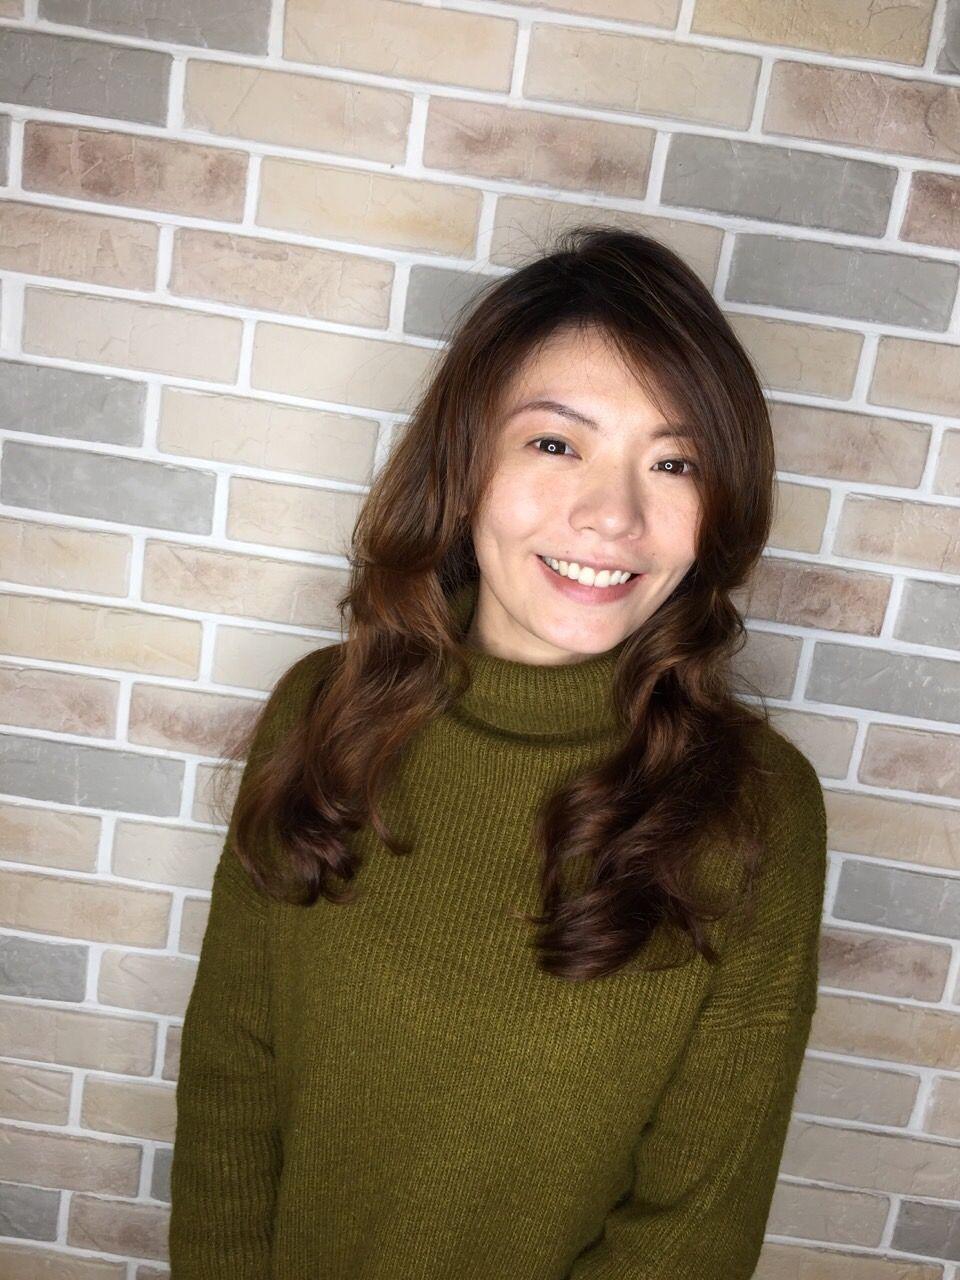 台北市東區magic salon 小隆推薦 自然柔美燙髮分享